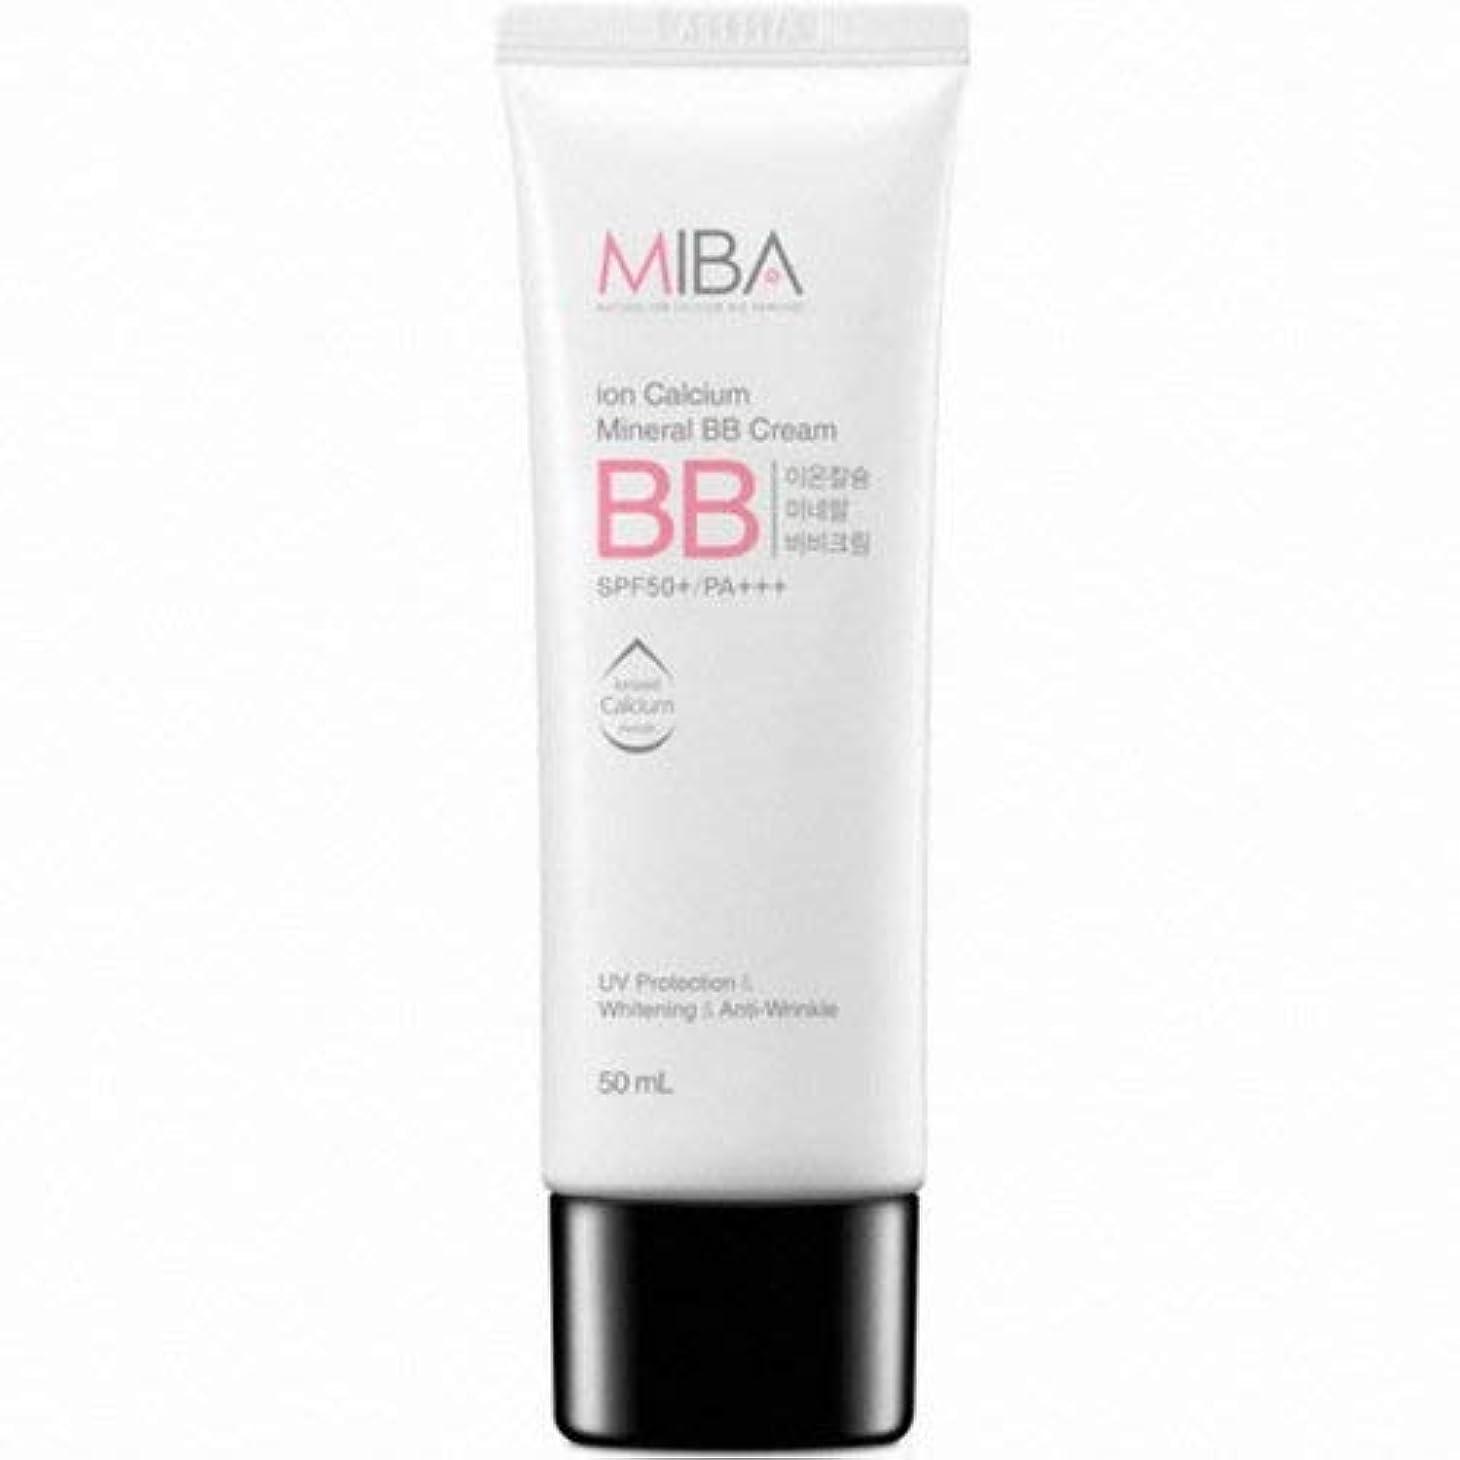 憧れテニス親愛なMINERALBIO ミバ イオン カルシウム ミネラル ビビクリーム/MIBA Ion Calcium Mineral BB Cream (50ml) [並行輸入品]